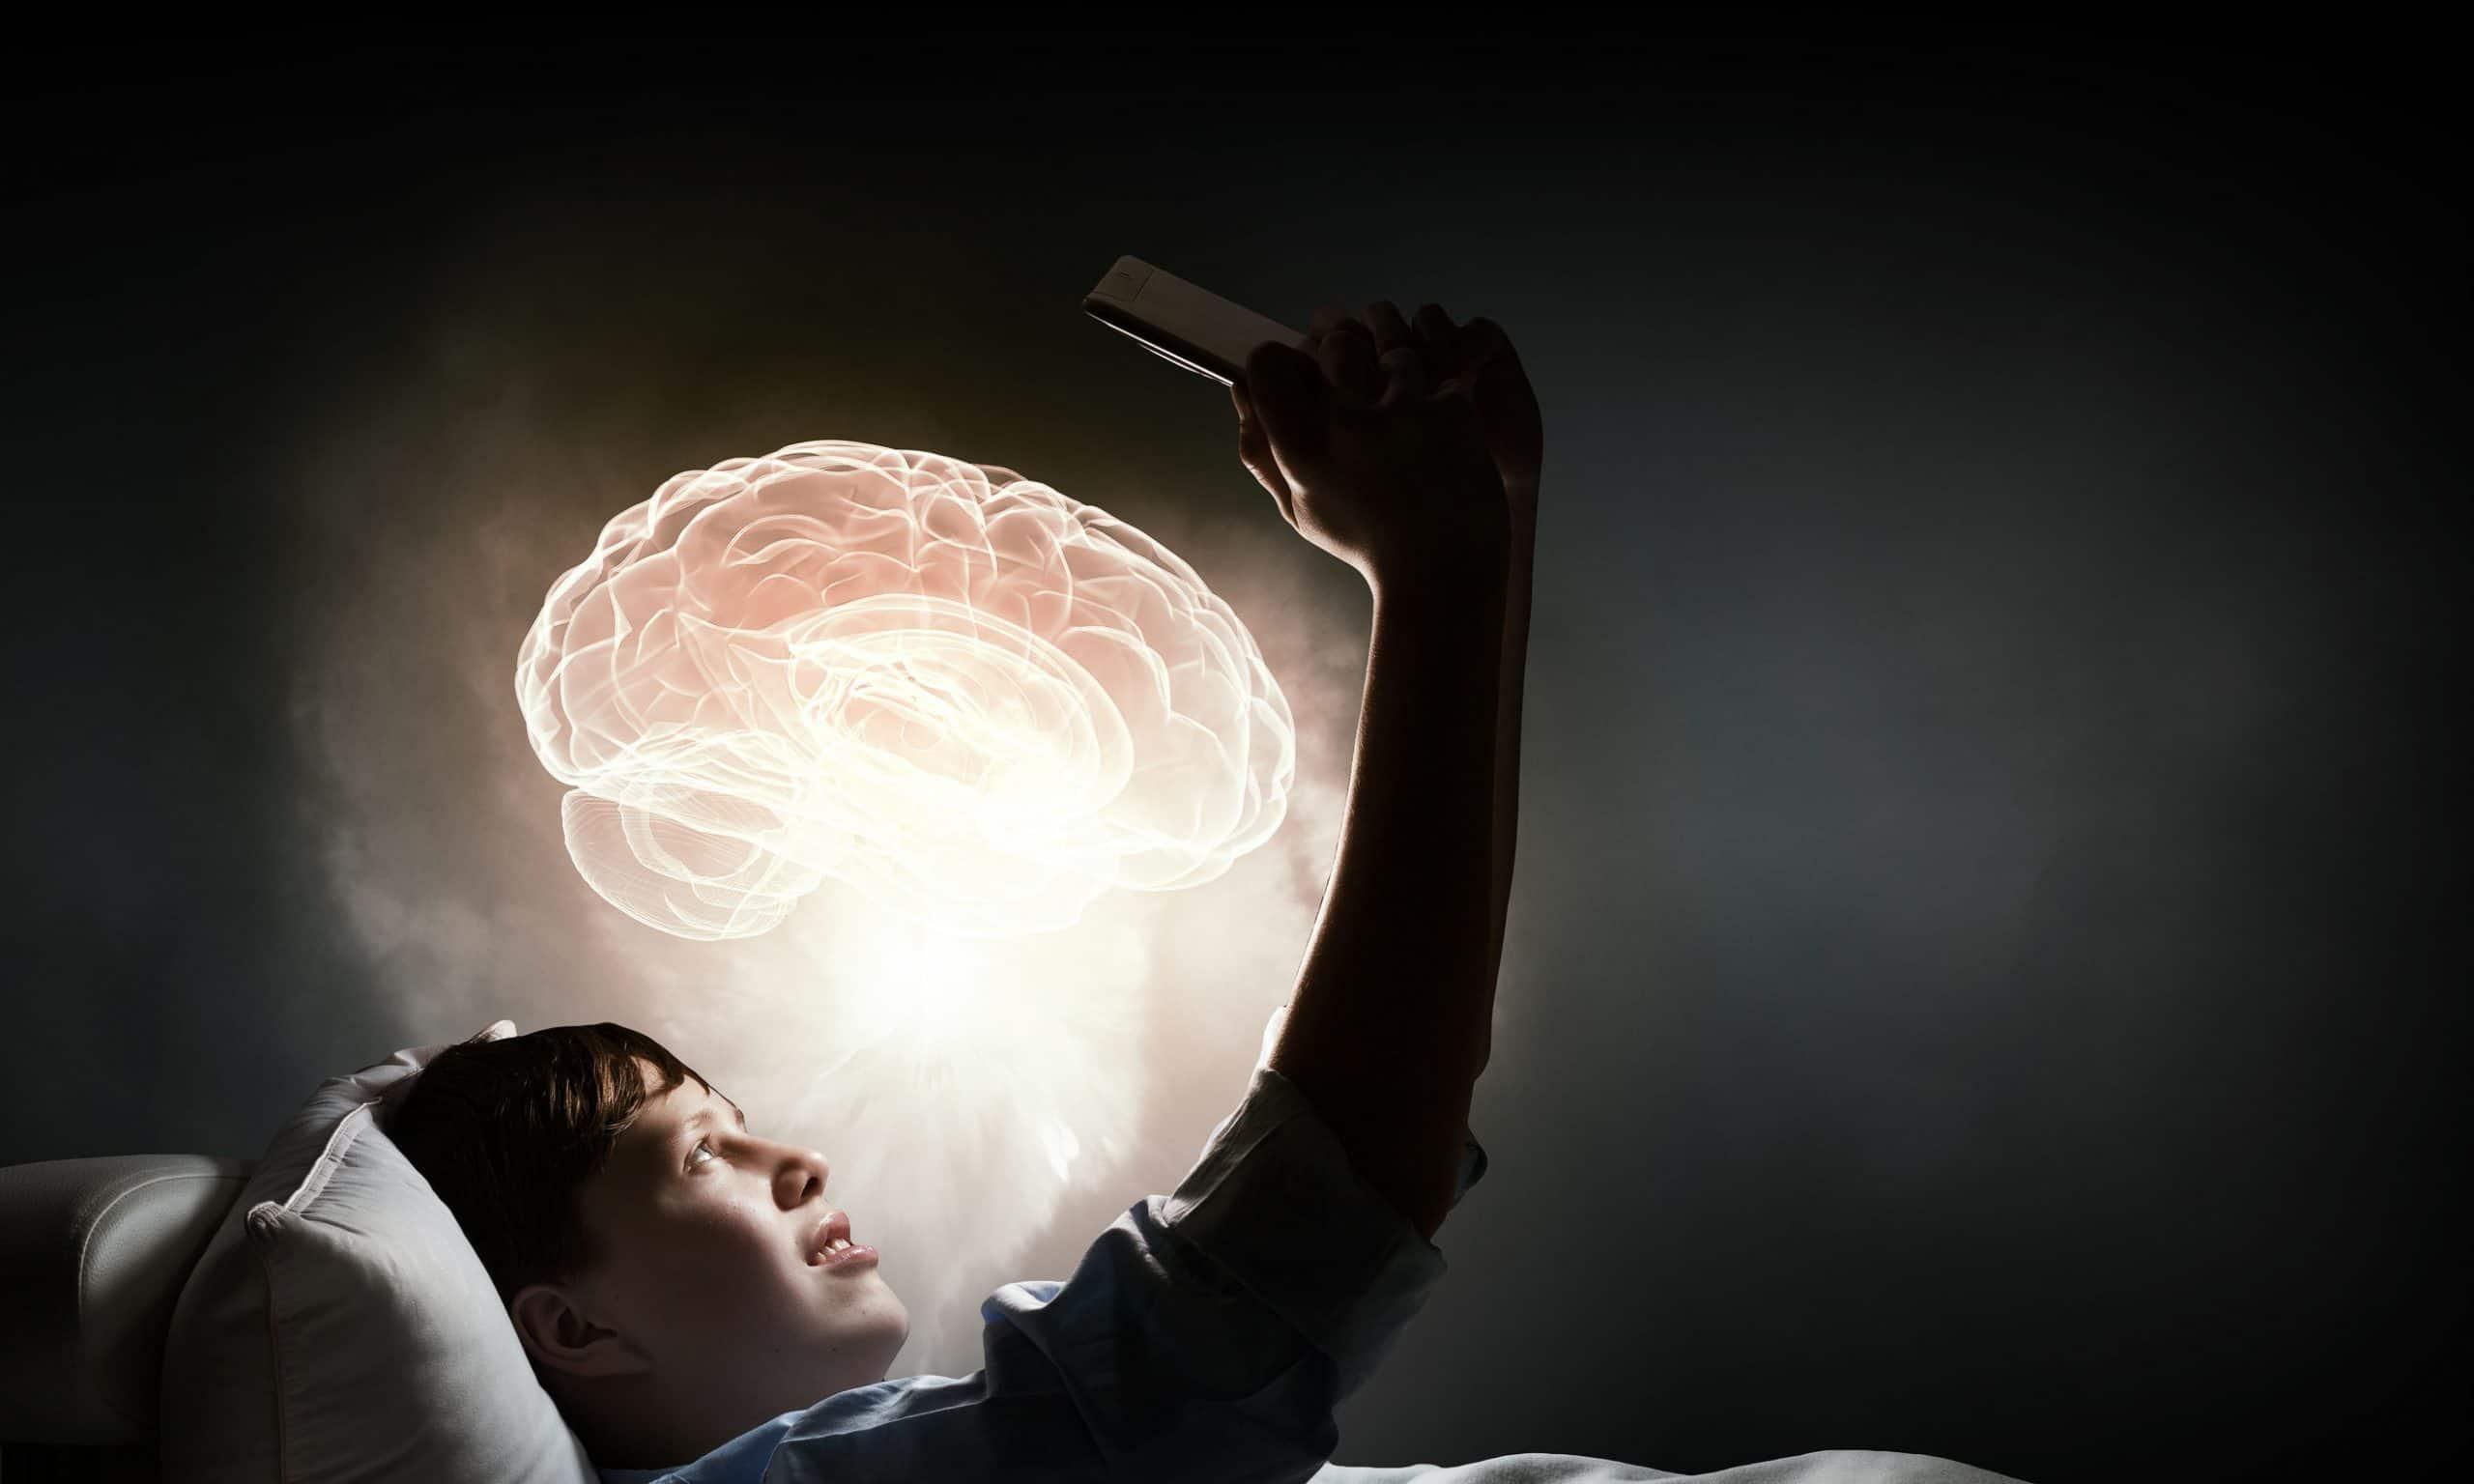 Menino deitado em sua cama lendo e tendo uma idéia. Desenho de cérebro iluminado projetado em frente ao seu rosto.